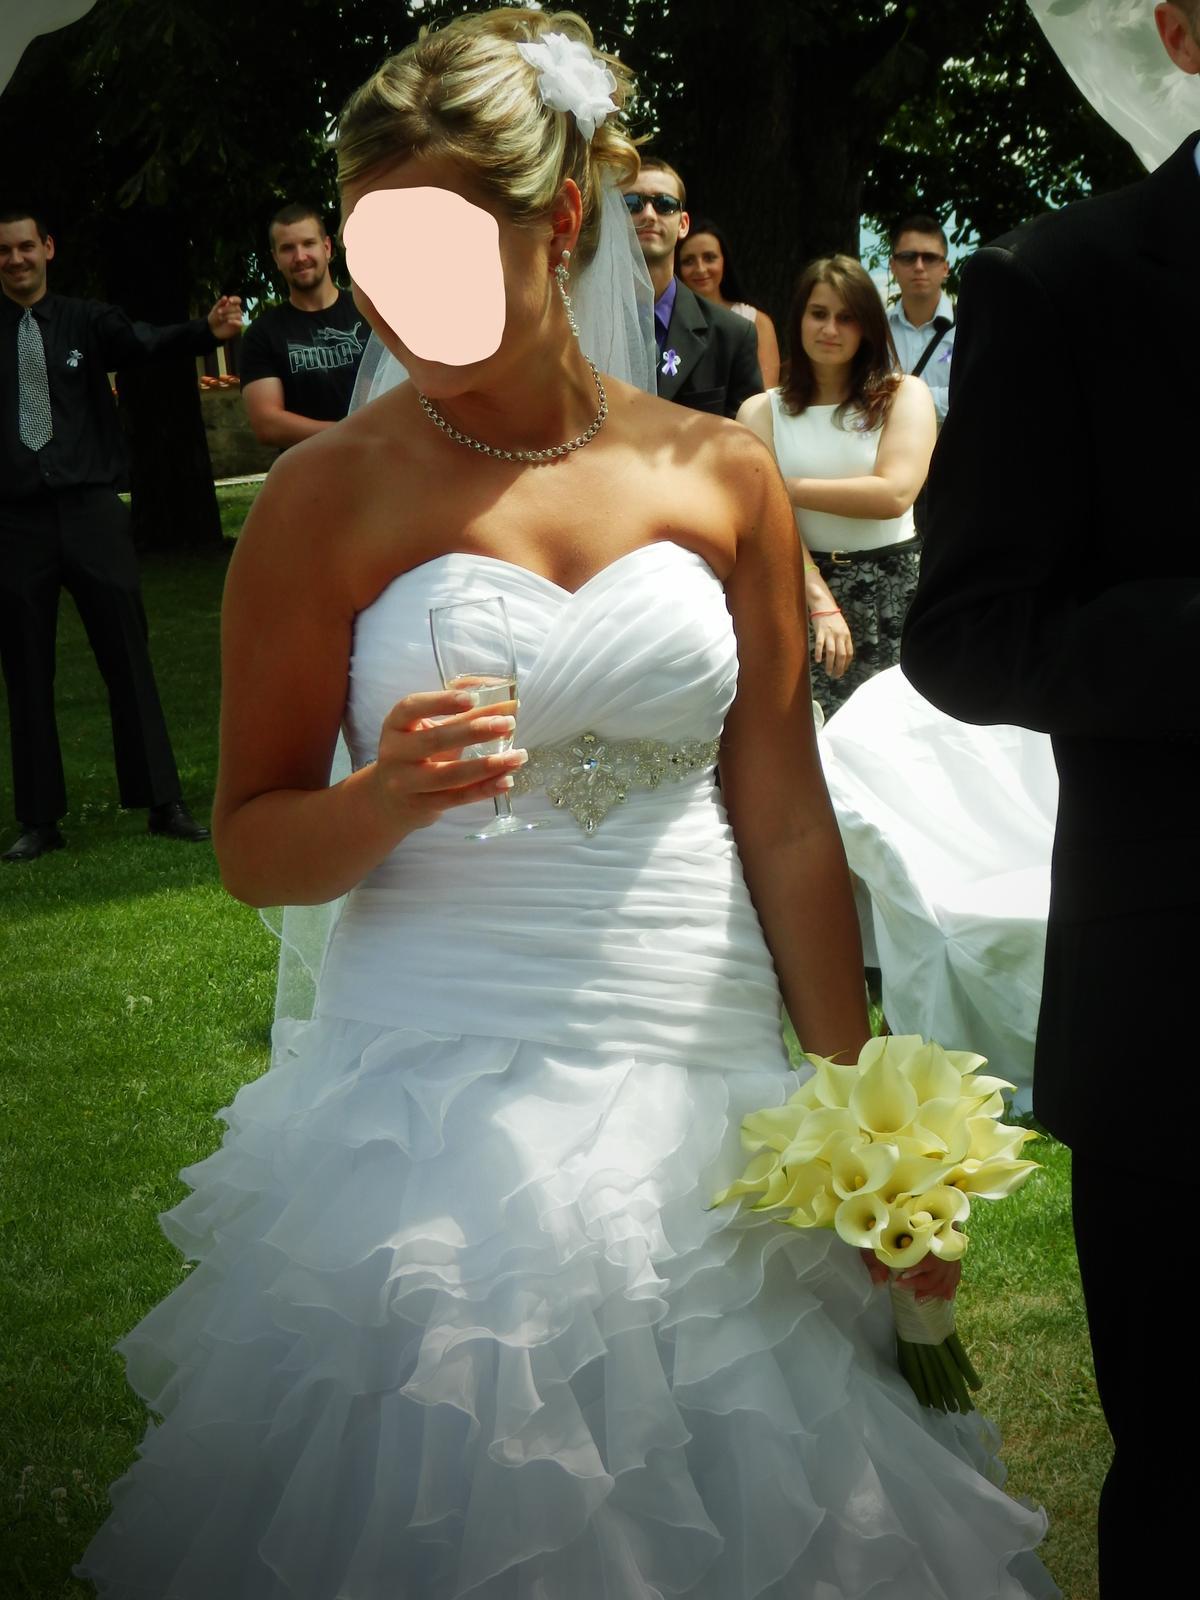 Svatební šaty šité na míru 36 - 38 - Obrázek č. 2